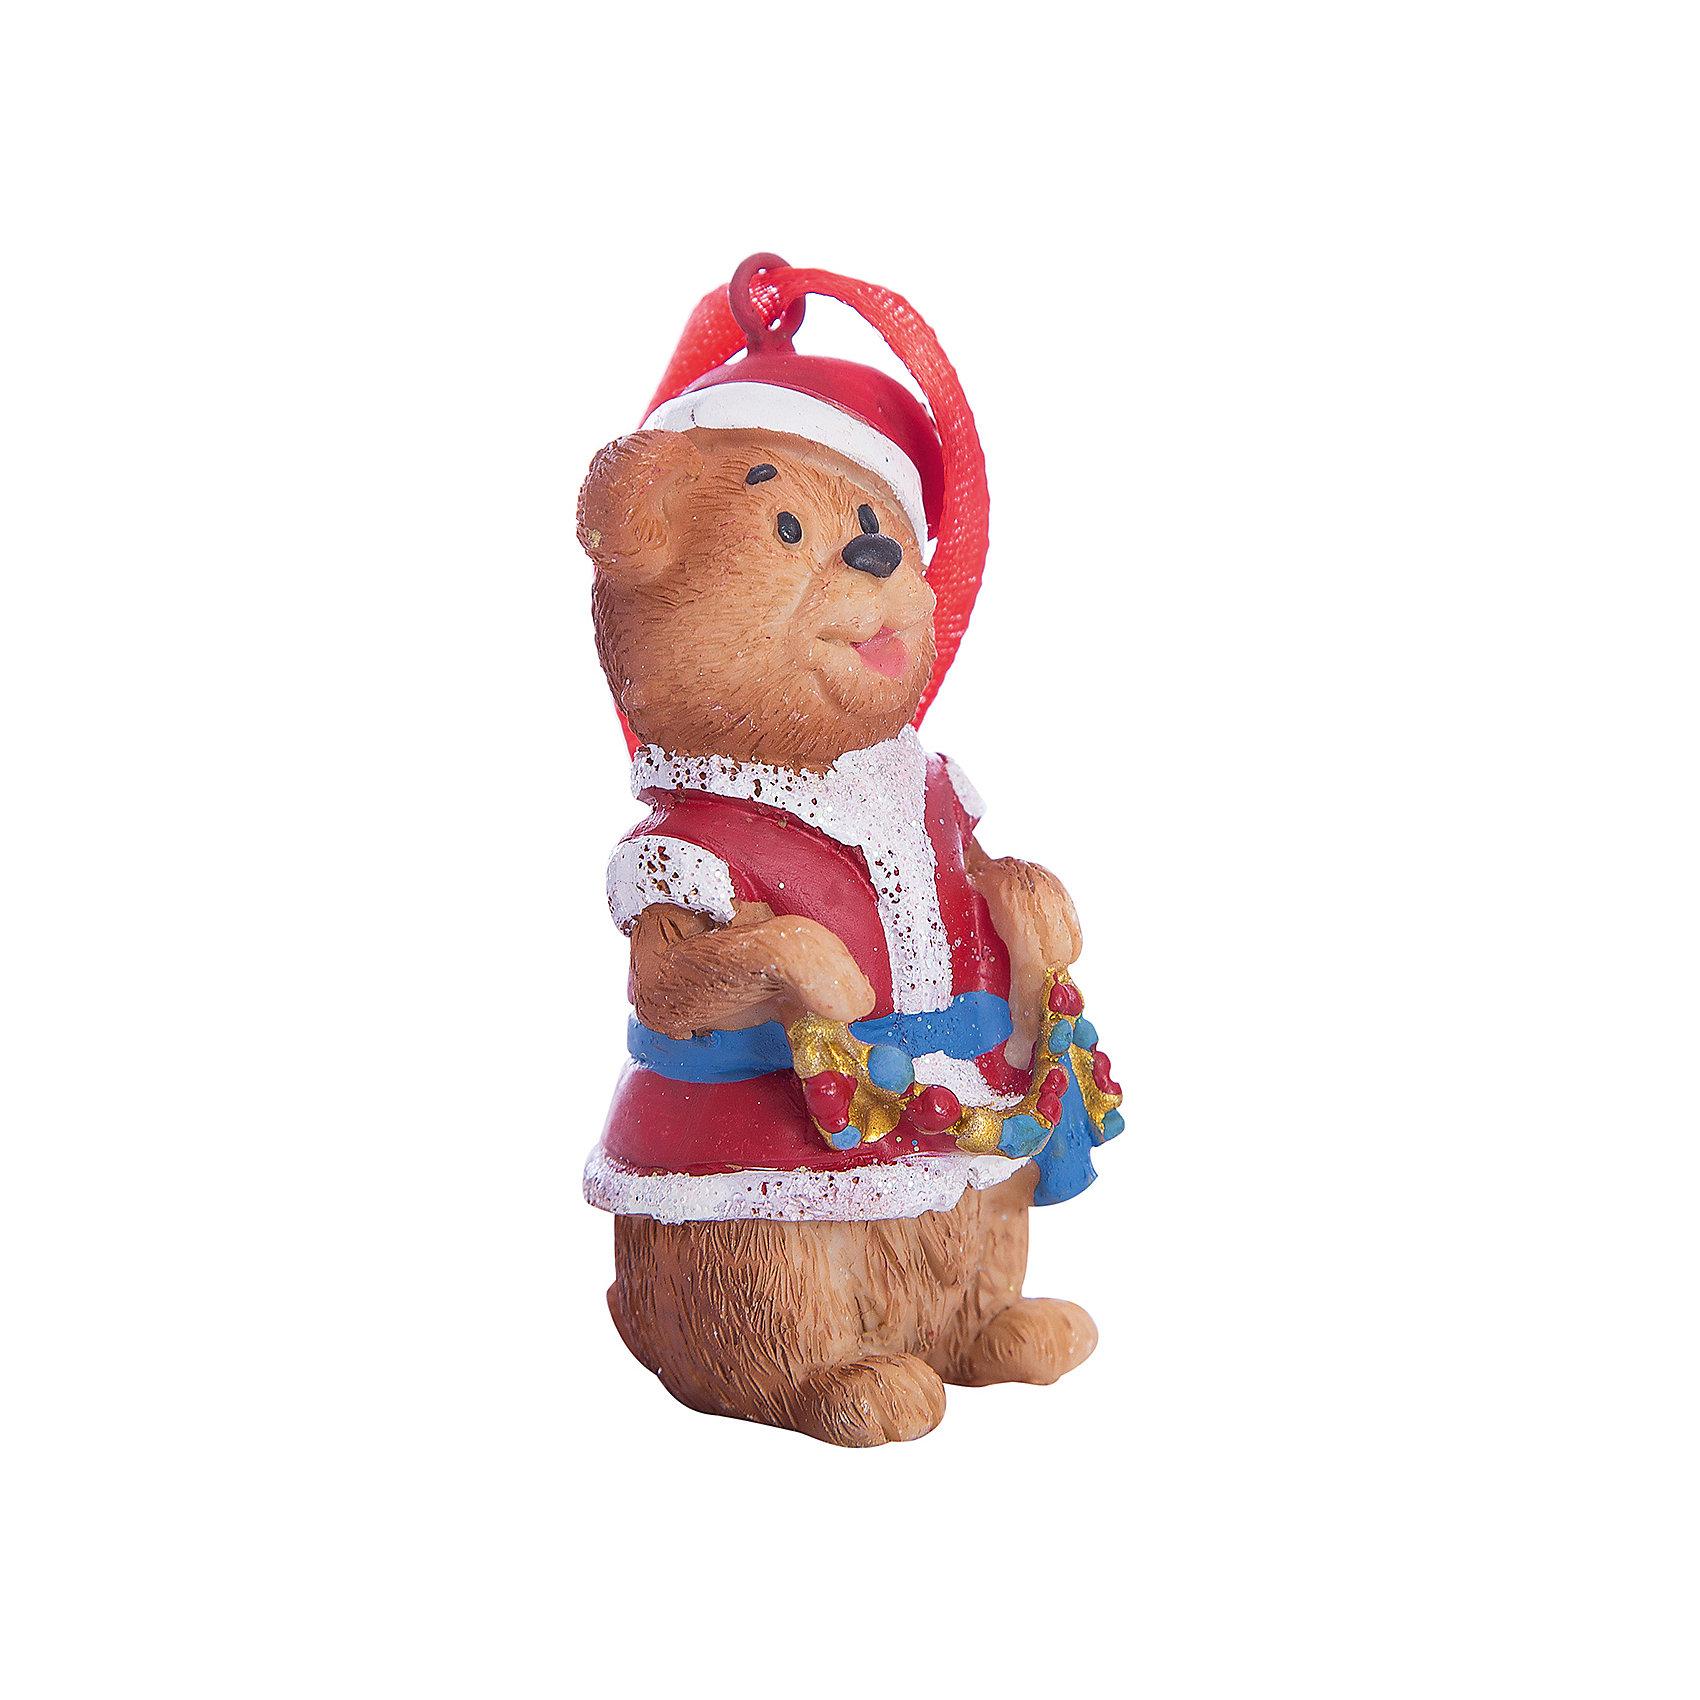 Украшение Мишка в костюме Деда Мороза 3,5*3*8 смВсё для праздника<br>Новогоднее подвесн.украш. Мишка в костюме Деда Мороза арт.34590/8 (3,5*3*8 см, из полирезины) арт.34590<br><br>Ширина мм: 35<br>Глубина мм: 30<br>Высота мм: 80<br>Вес г: 85<br>Возраст от месяцев: 60<br>Возраст до месяцев: 600<br>Пол: Унисекс<br>Возраст: Детский<br>SKU: 5144710